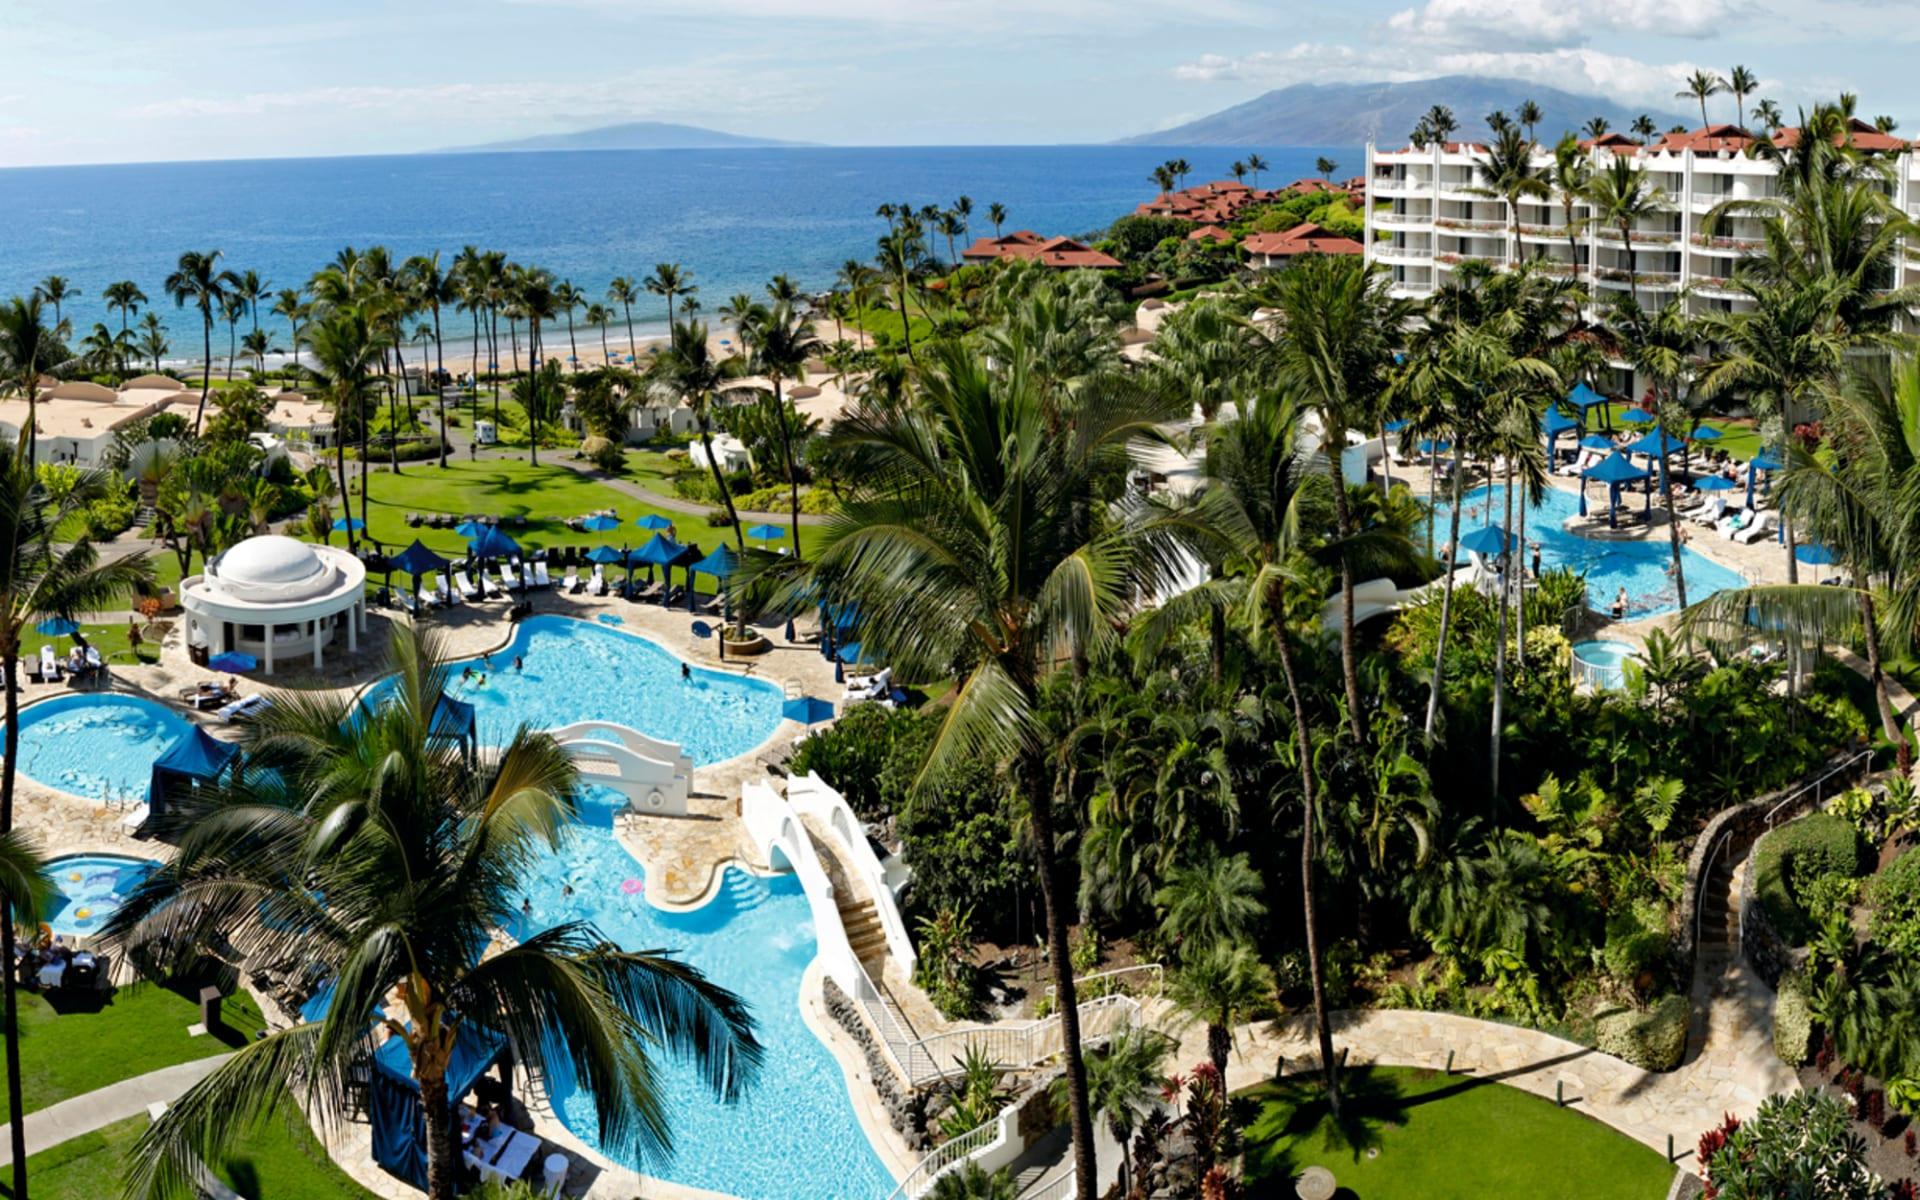 Fairmont Kea Lani Maui in Wailea - Maui: pool fairmont kea lani maui poolanlage garten hotel